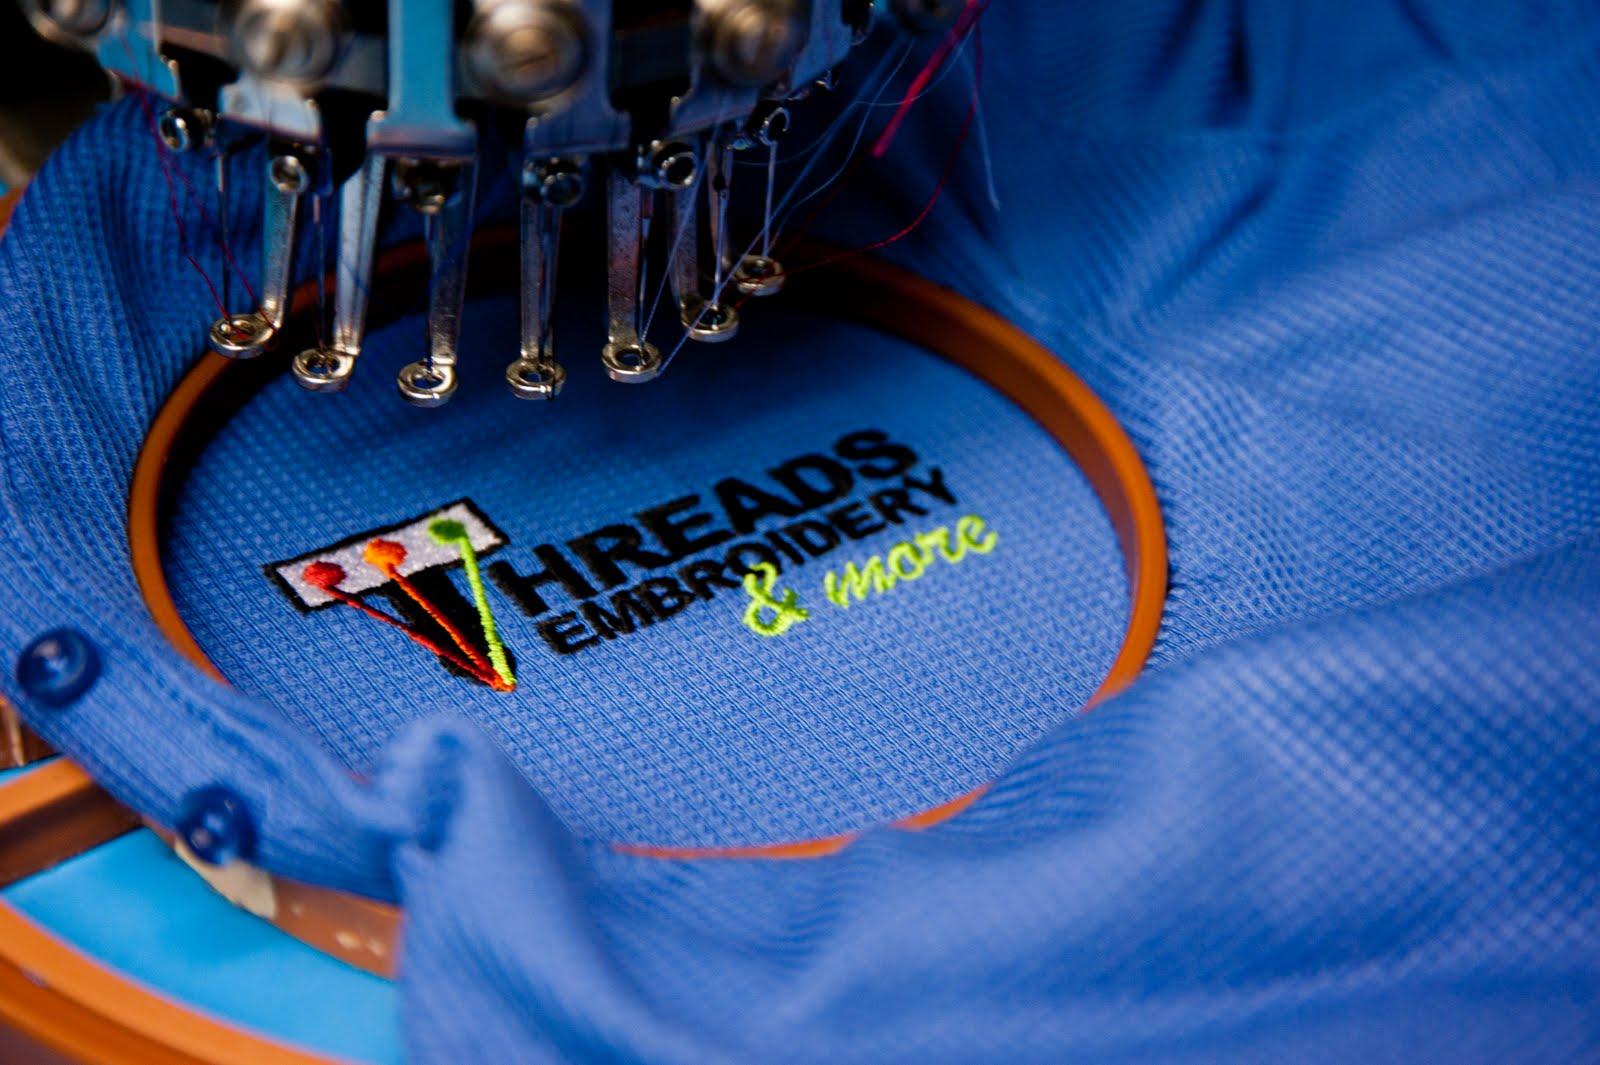 Khởi nghiệp kinh doanh vốn ít với nghề cung cấp dịch vụ thêu vải theo yêu cầu